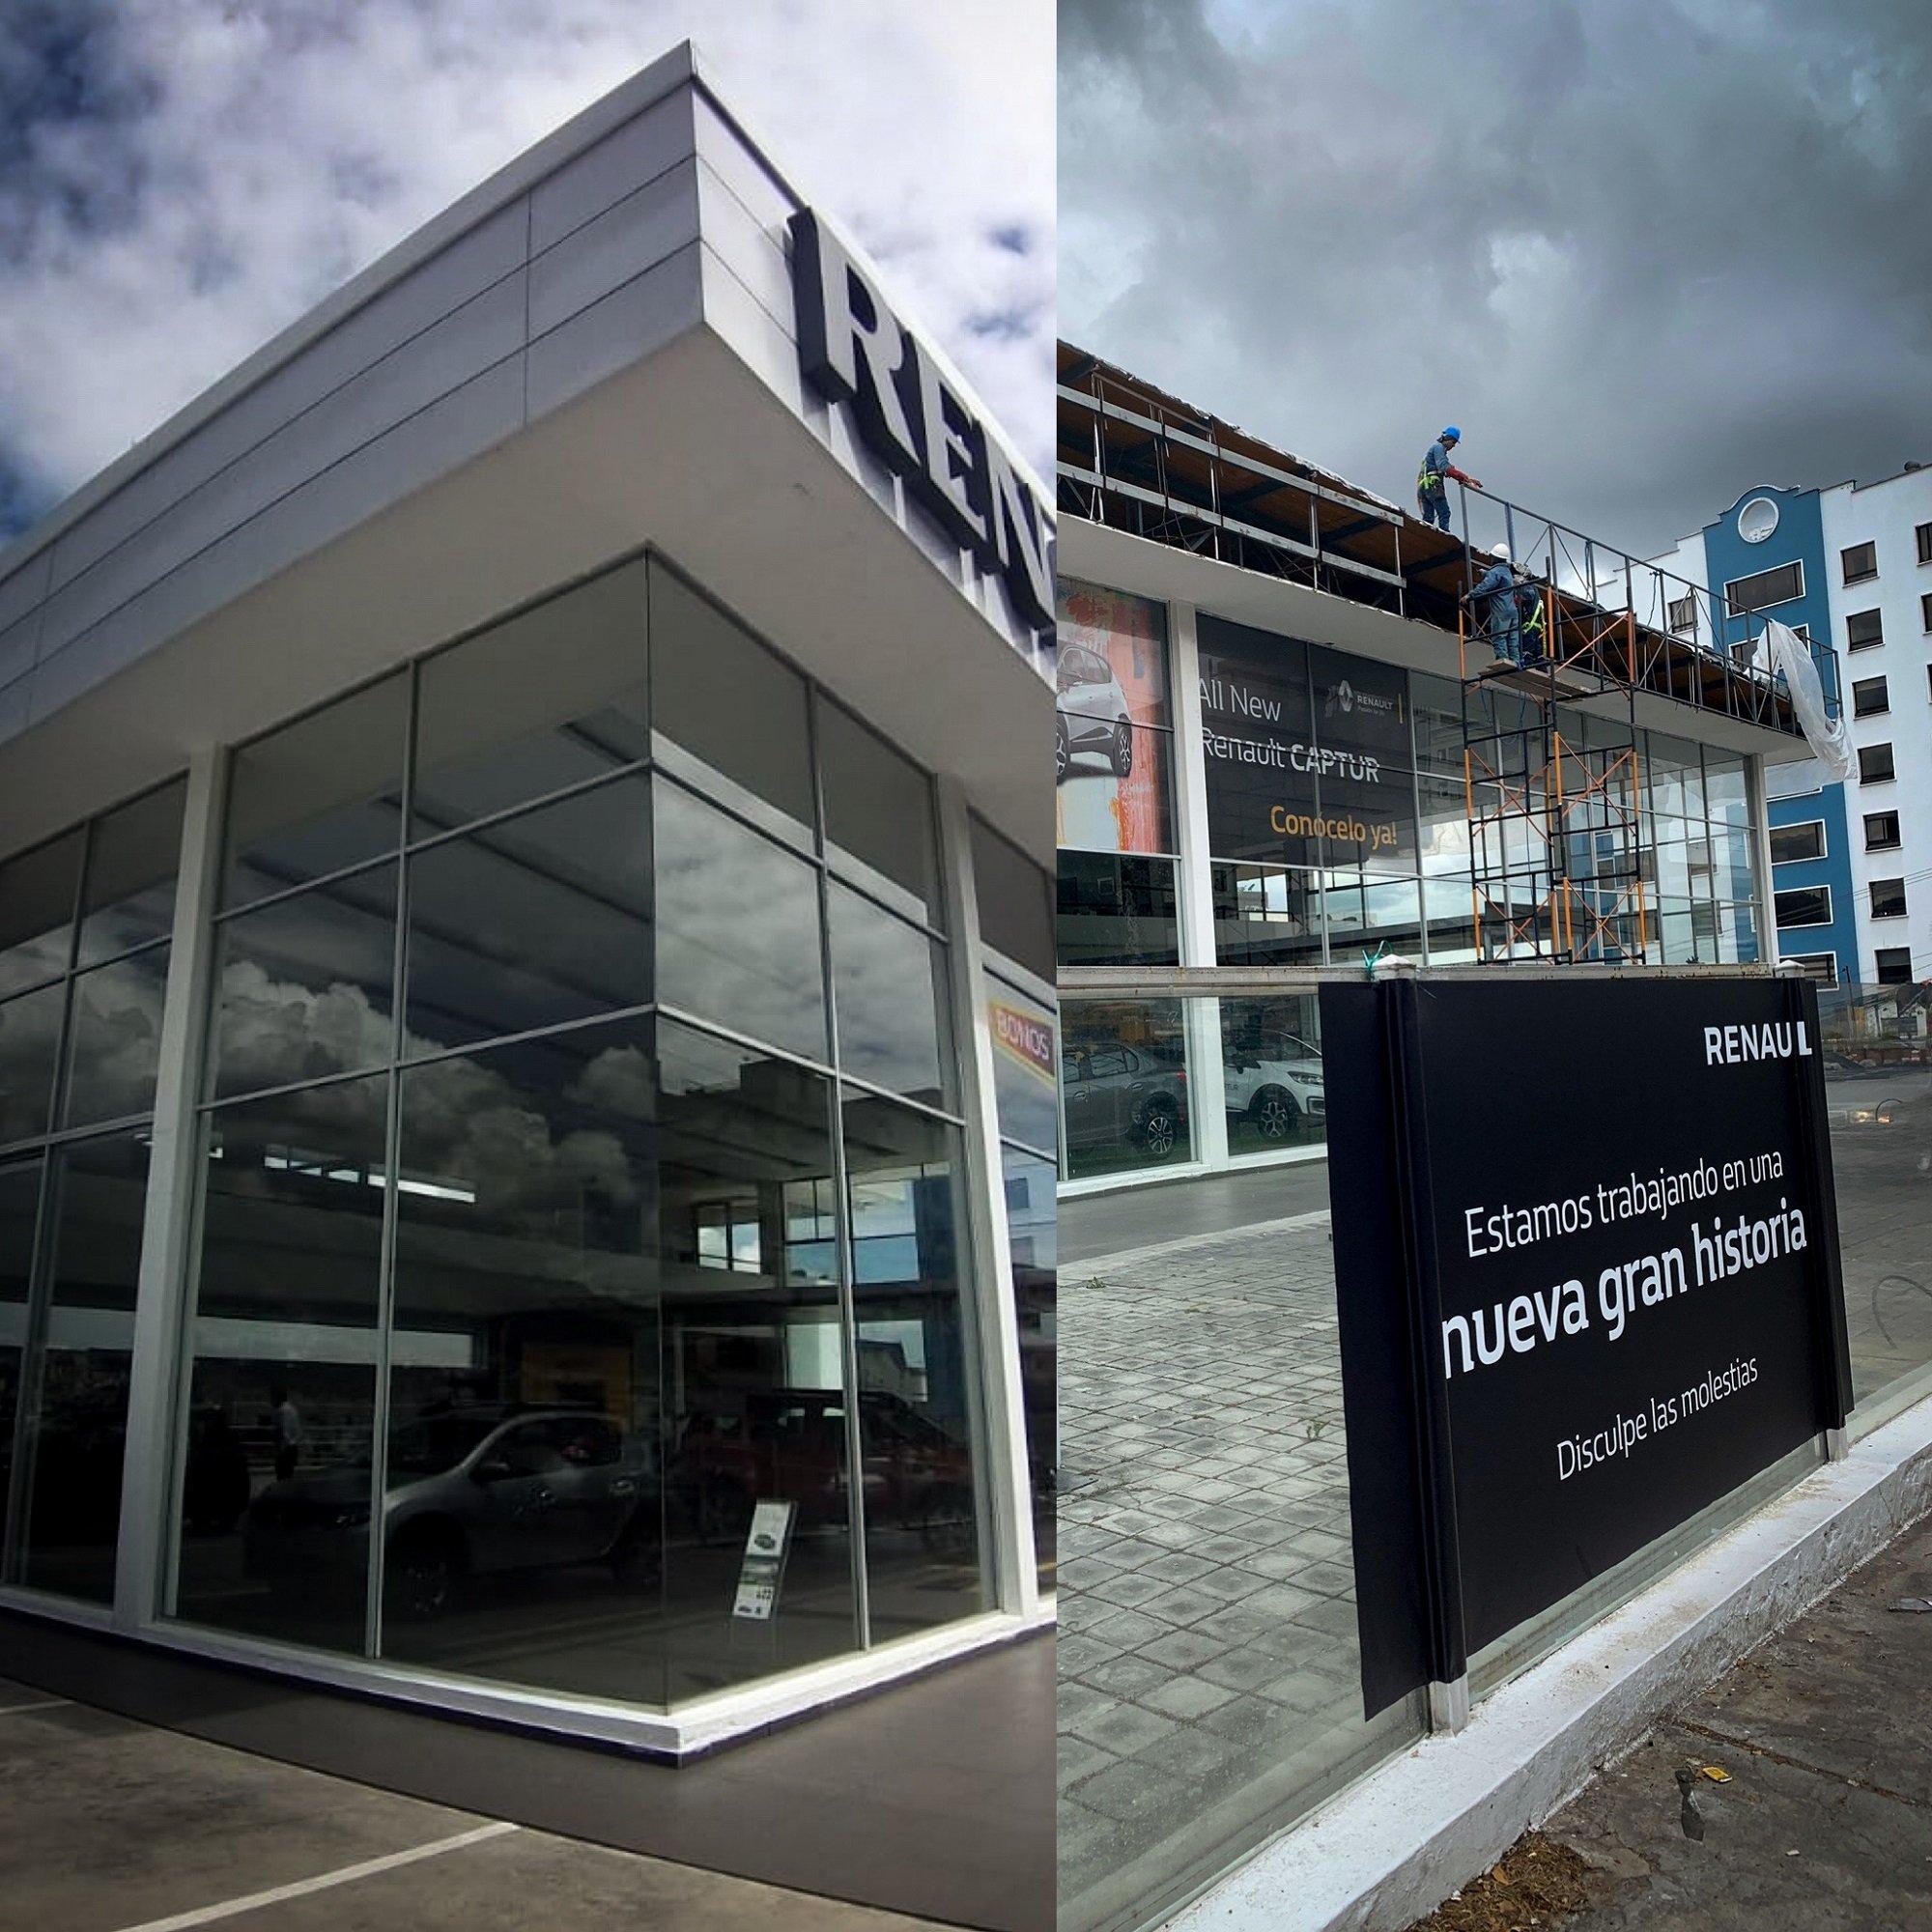 Concesionario-Vehiculos-Renault-Eloy-Alfaro-A3-Arquitectos-Quito-Ecuador-4